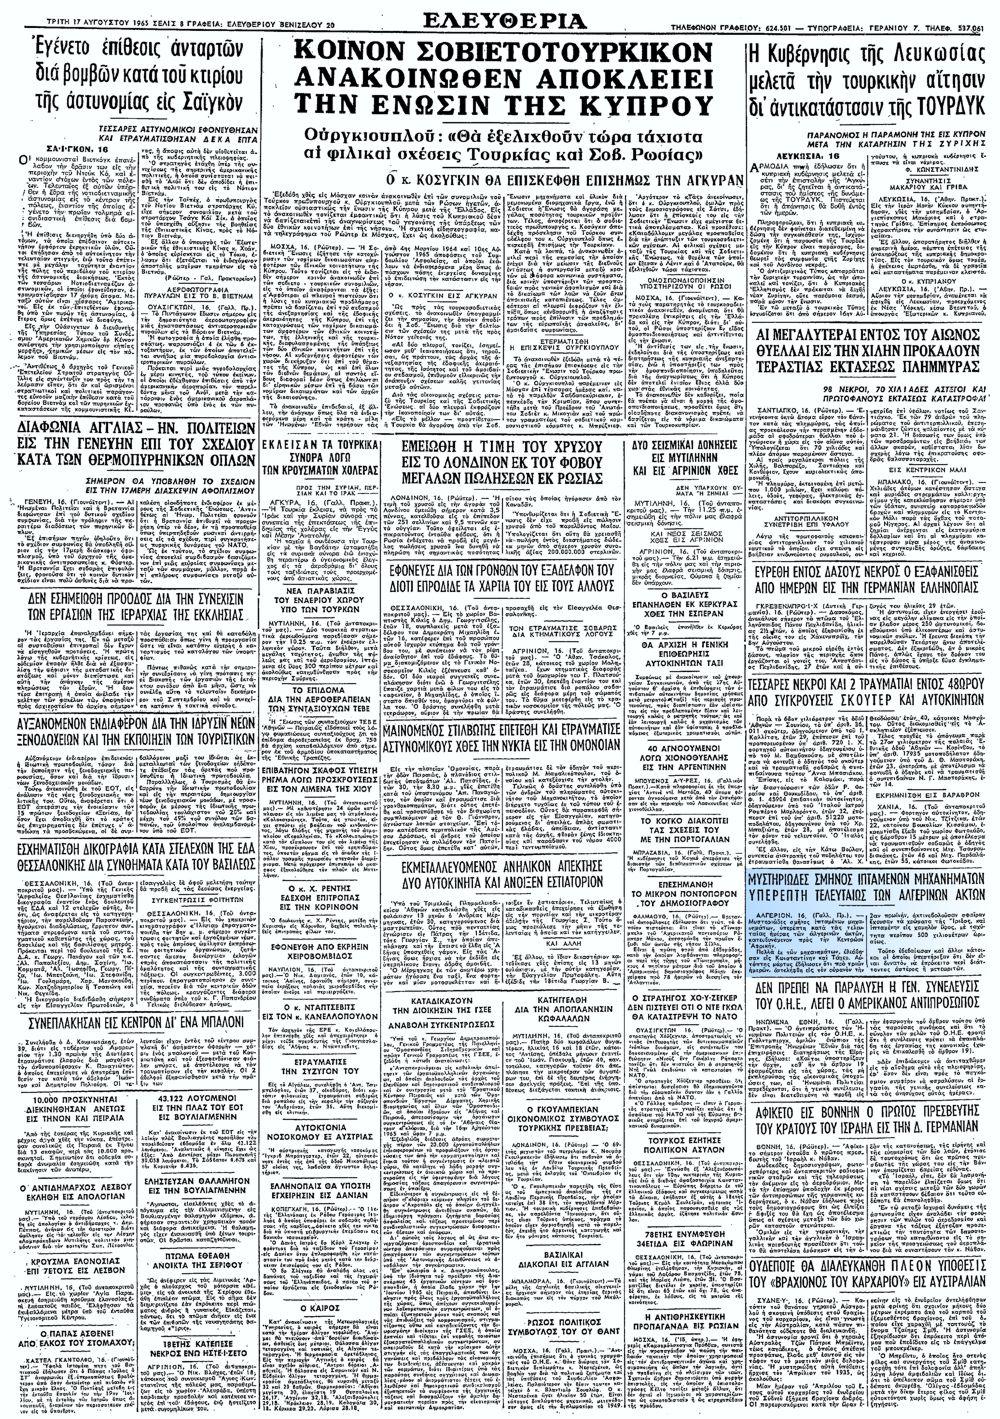 """Το άρθρο, όπως δημοσιεύθηκε στην εφημερίδα """"ΕΛΕΥΘΕΡΙΑ"""", στις 17/08/1965"""